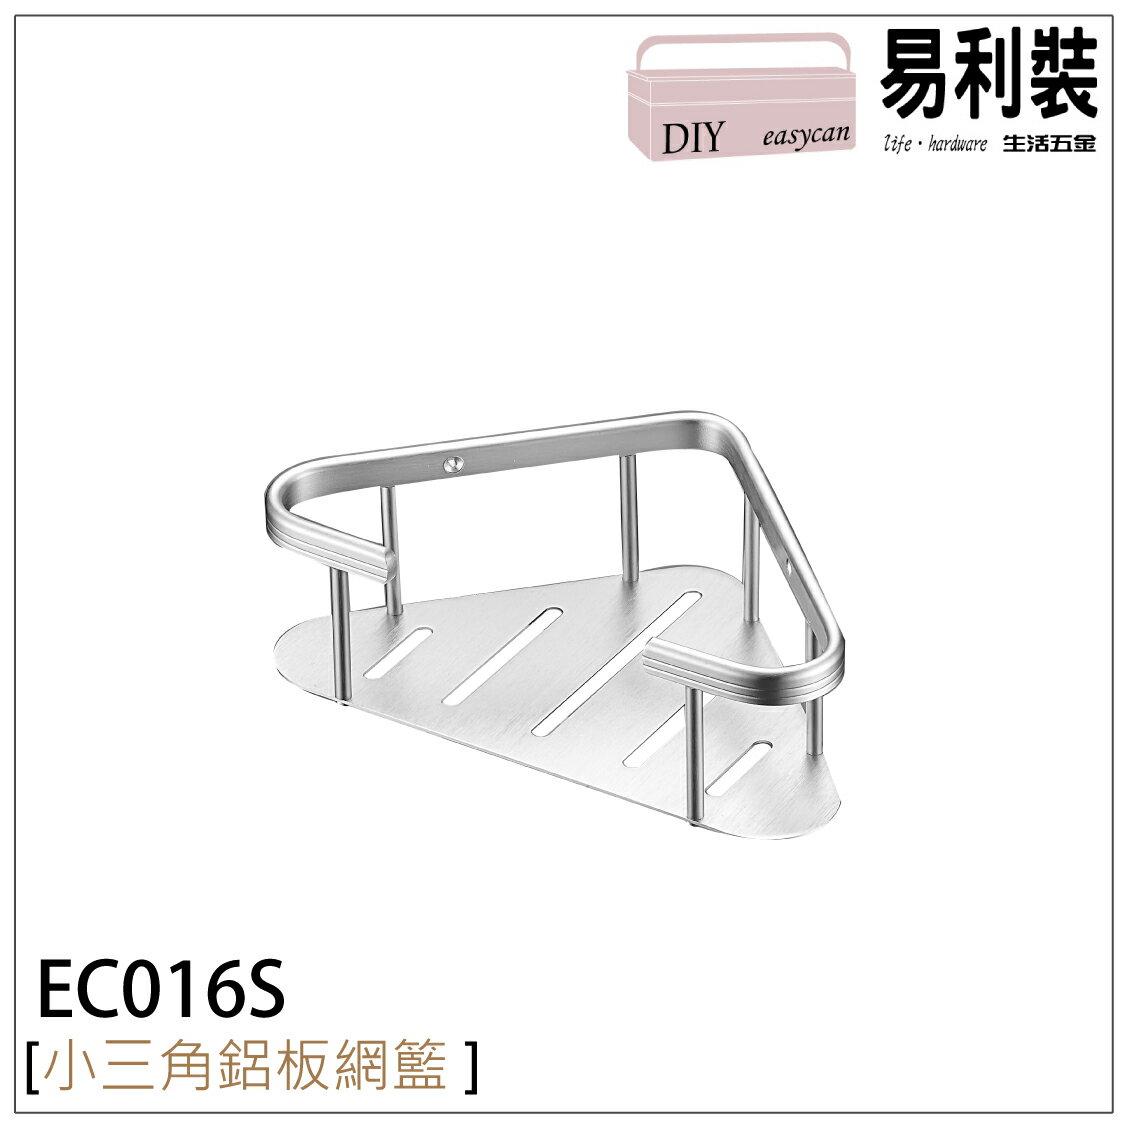 【 EASYCAN  】EC016S 小三角鋁板網籃 易利裝生活五金 鋁合金 置物架 收納架 轉角架 廚房 餐廳 房間 浴室 小資族